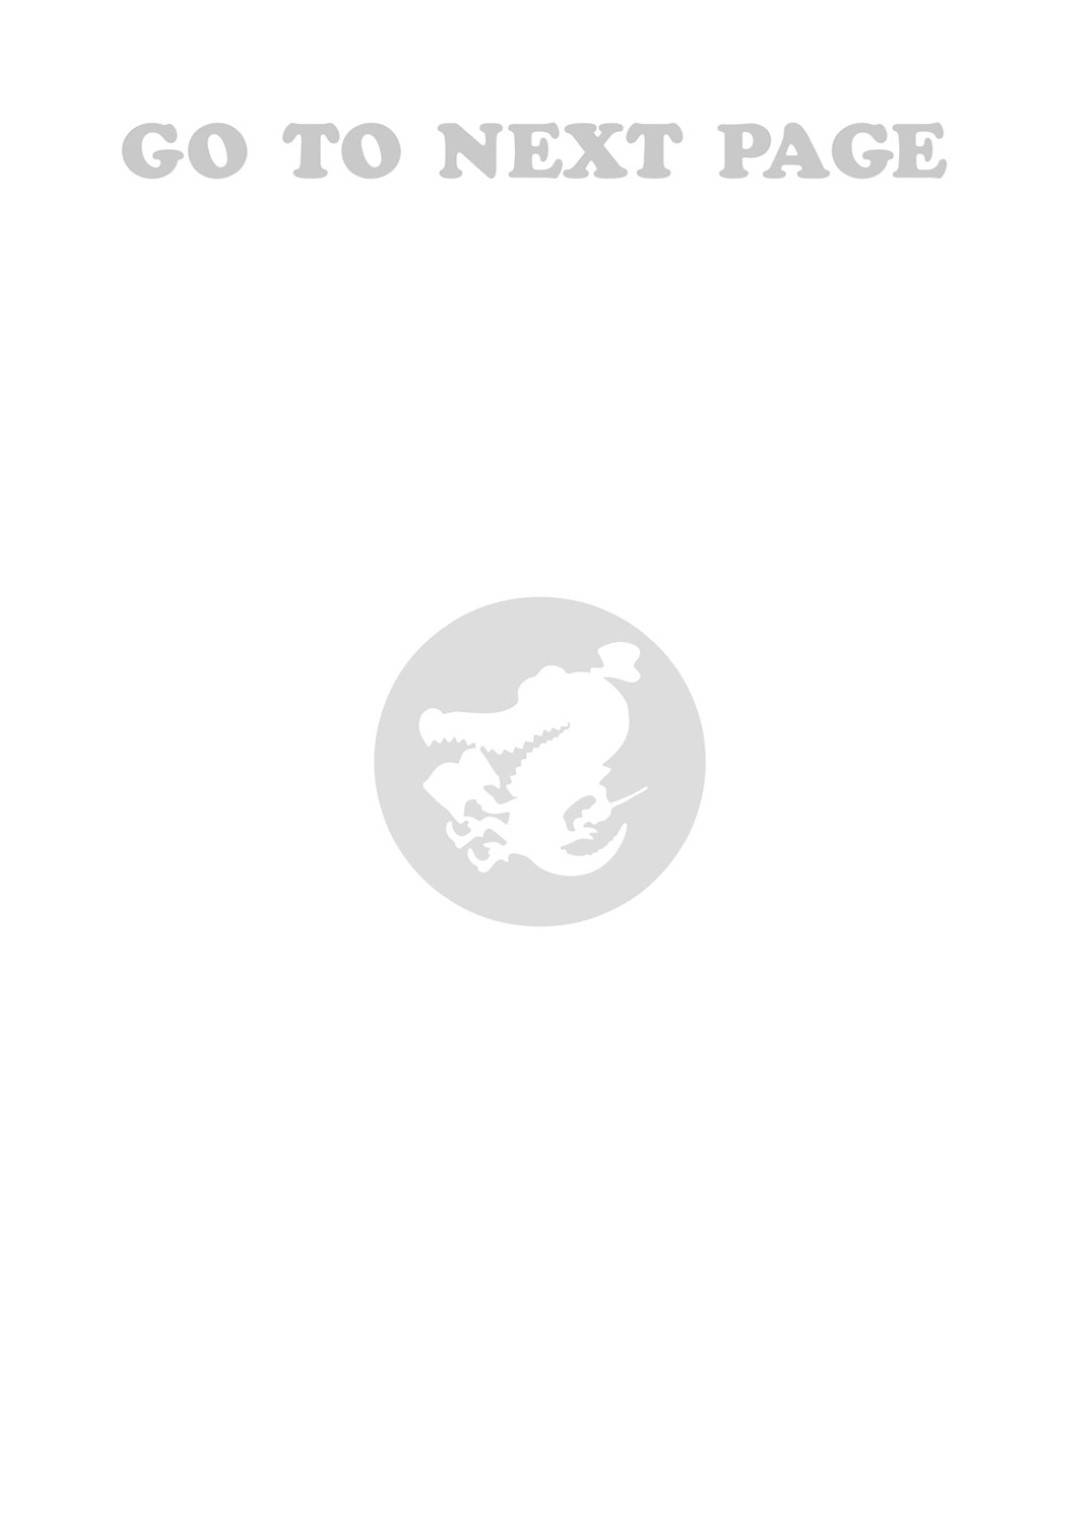 【エロ漫画】【エロ漫画】幼い頃から姉弟のように遊んでいたJK…高校生になり幼馴染のオナニー姿を見てしまい、お互い興奮してイチャラブ生ハメ初エッチしてしまう!【いづれ:JKちゃんと年頃くん】